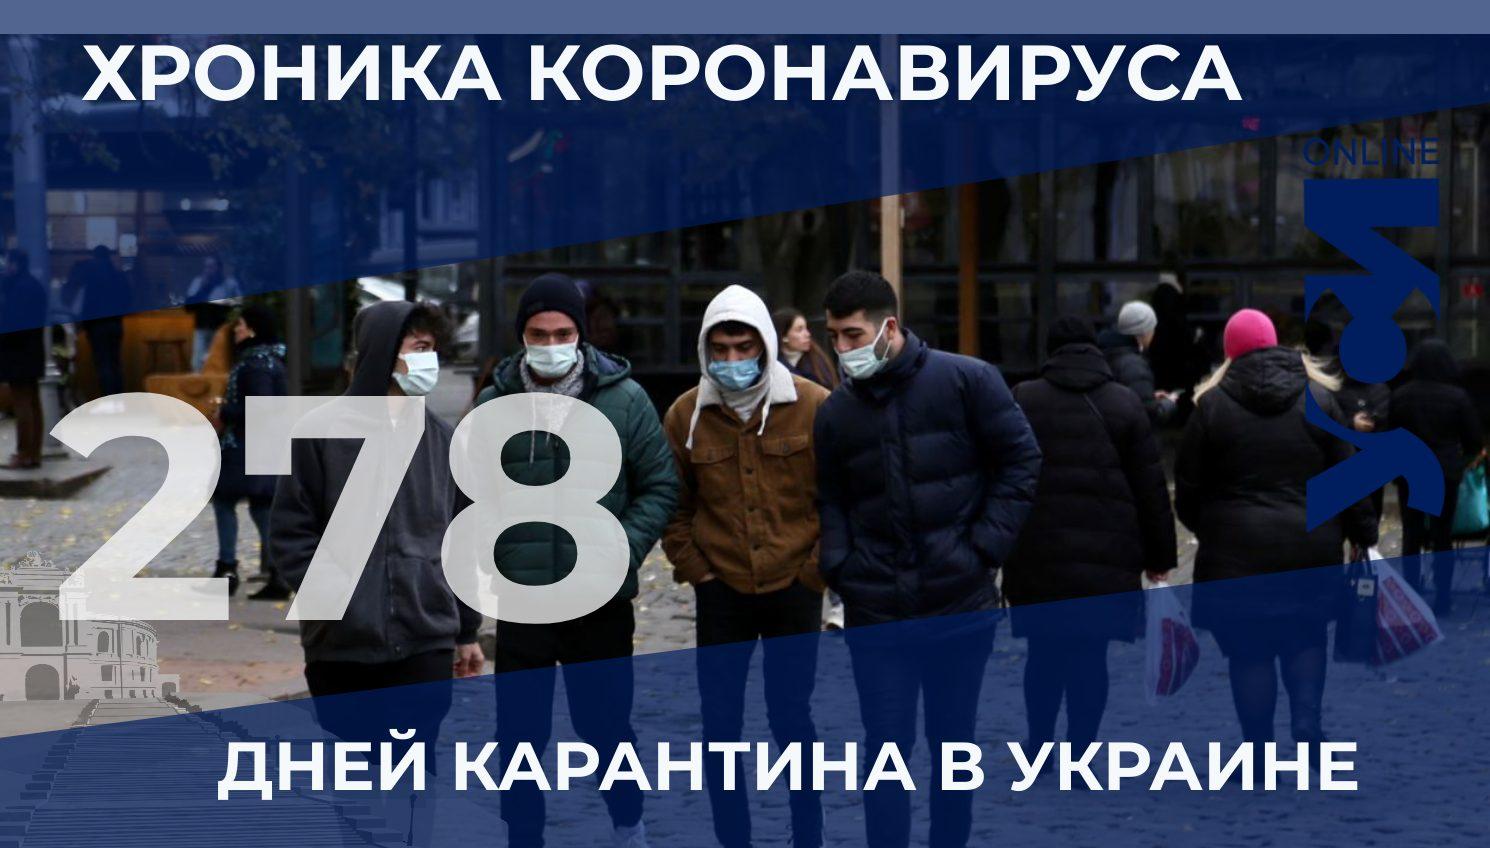 Пандемия: в Одесской области еще 830 заболевших COVID-19 «фото»